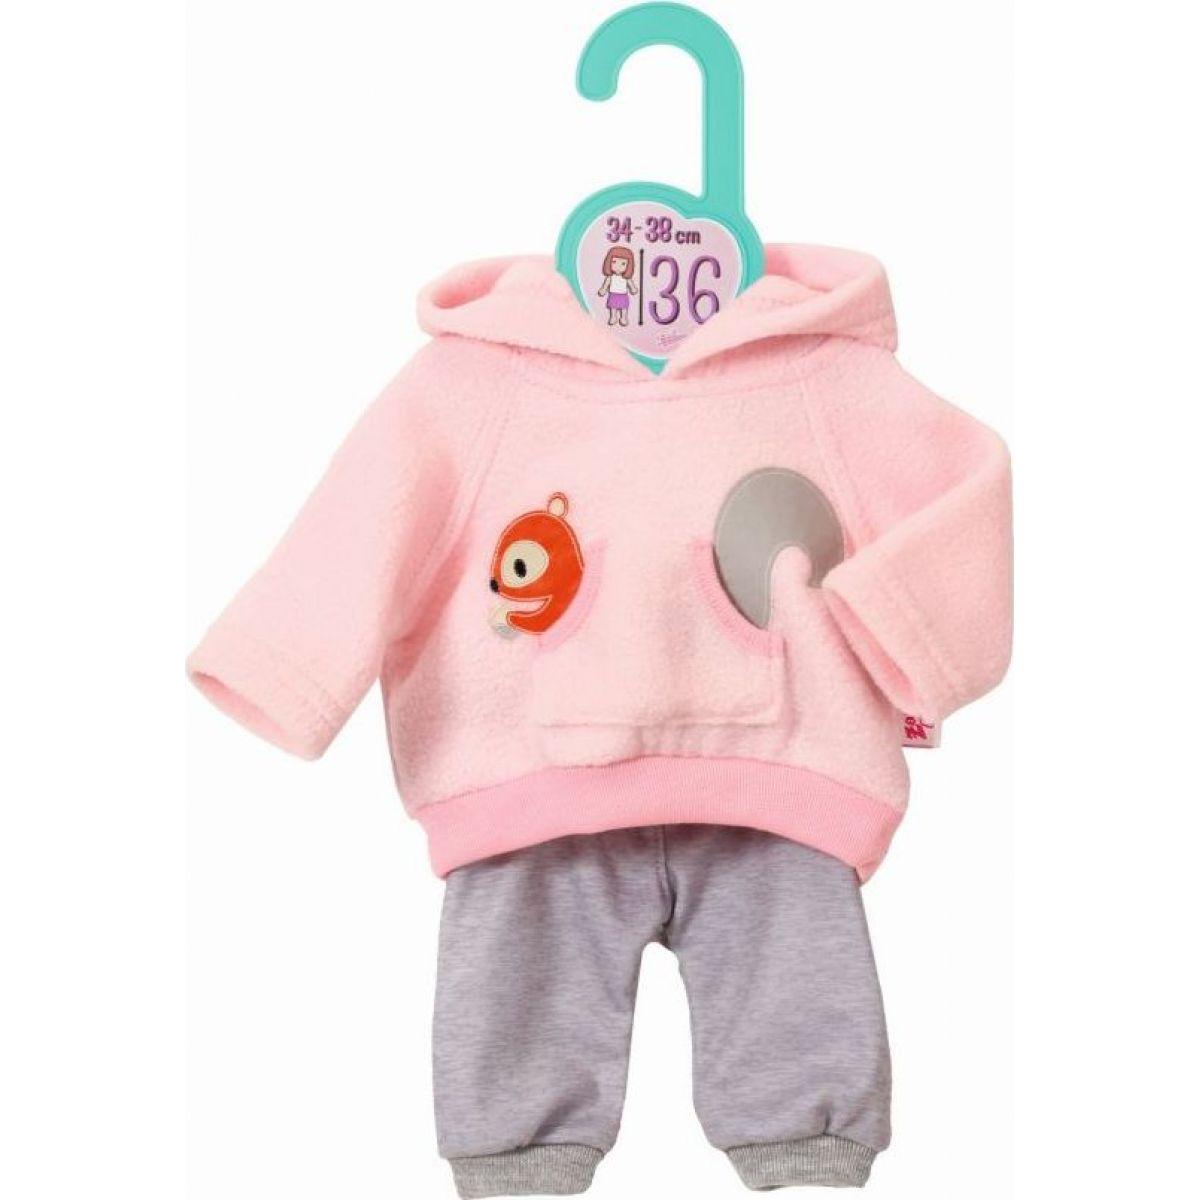 Zapf Creation Dolly Moda Teplákovka růžová, 36 cm